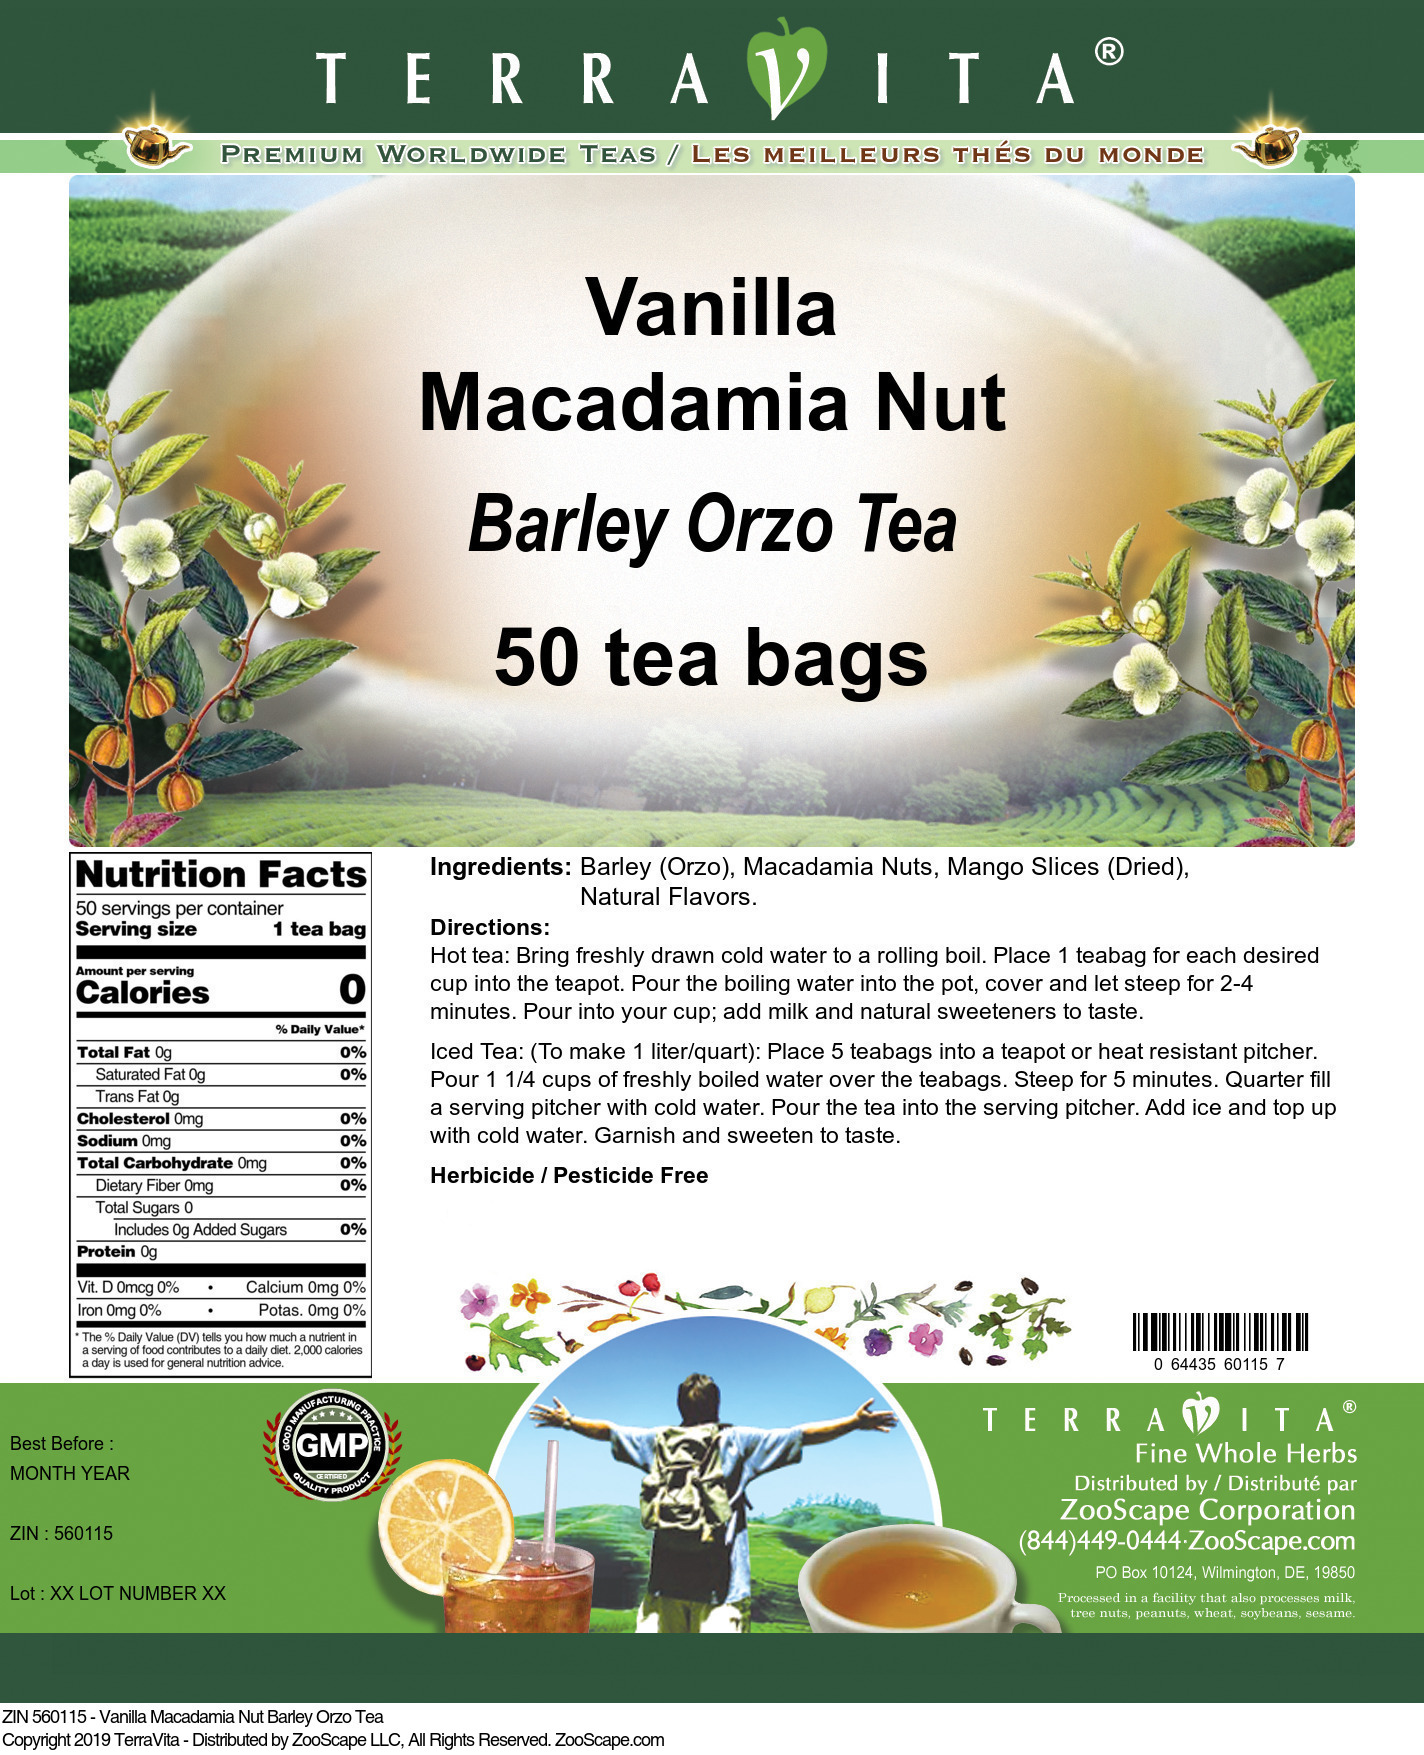 Vanilla Macadamia Nut Barley Orzo